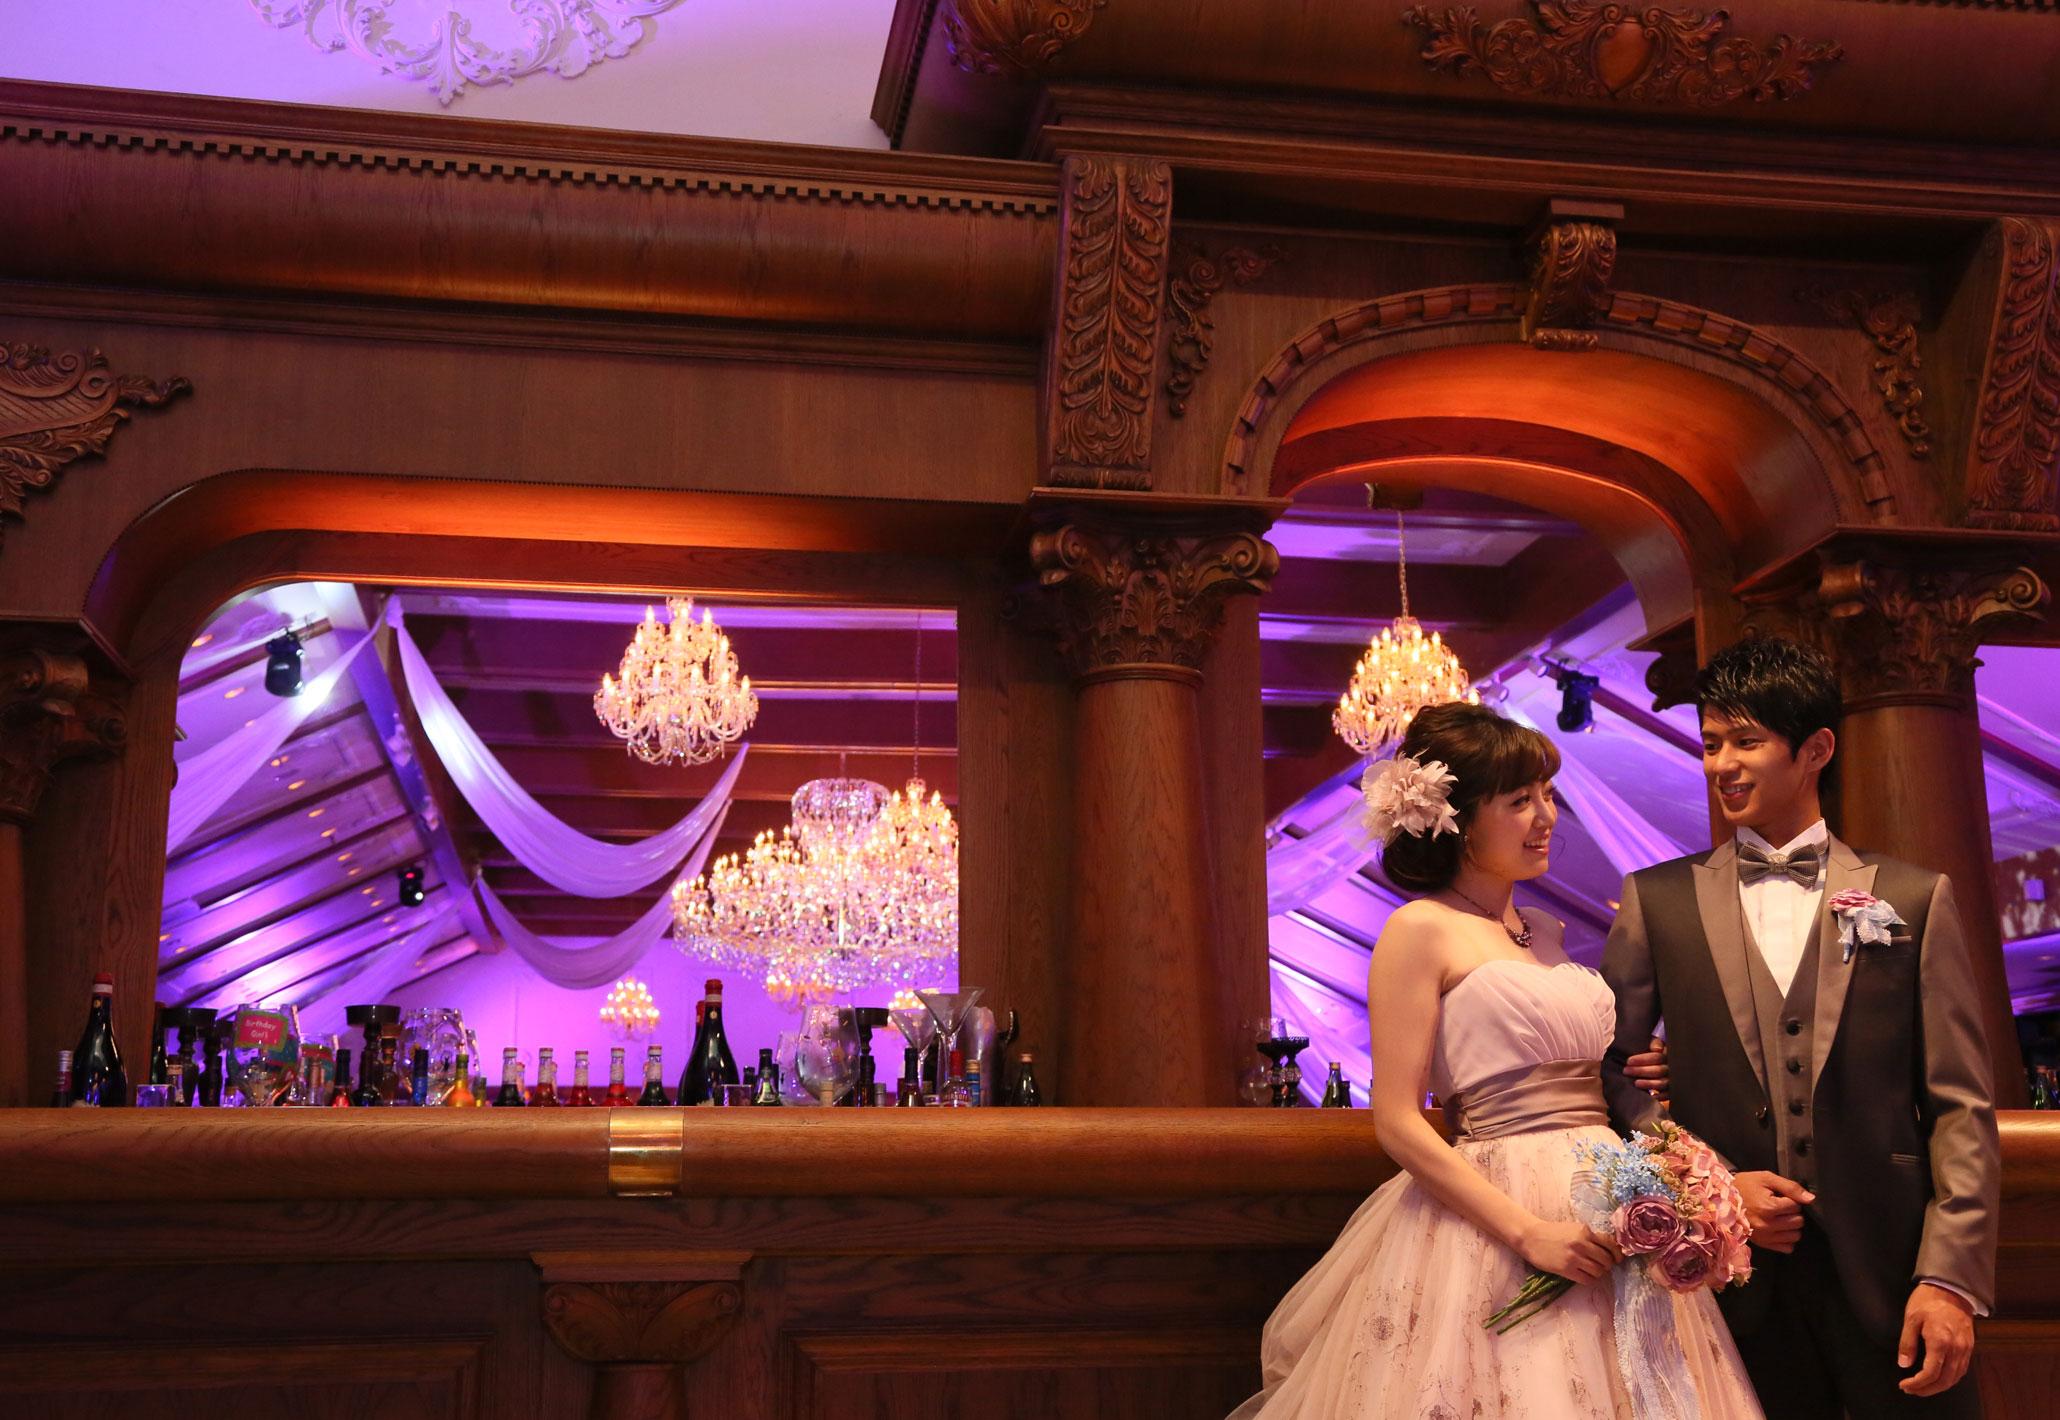 世界に三つしかないバーカウンターはゲストの注目を集めること間違いなし! | 高知県高知市の結婚式場ドリーマーベイシャトー